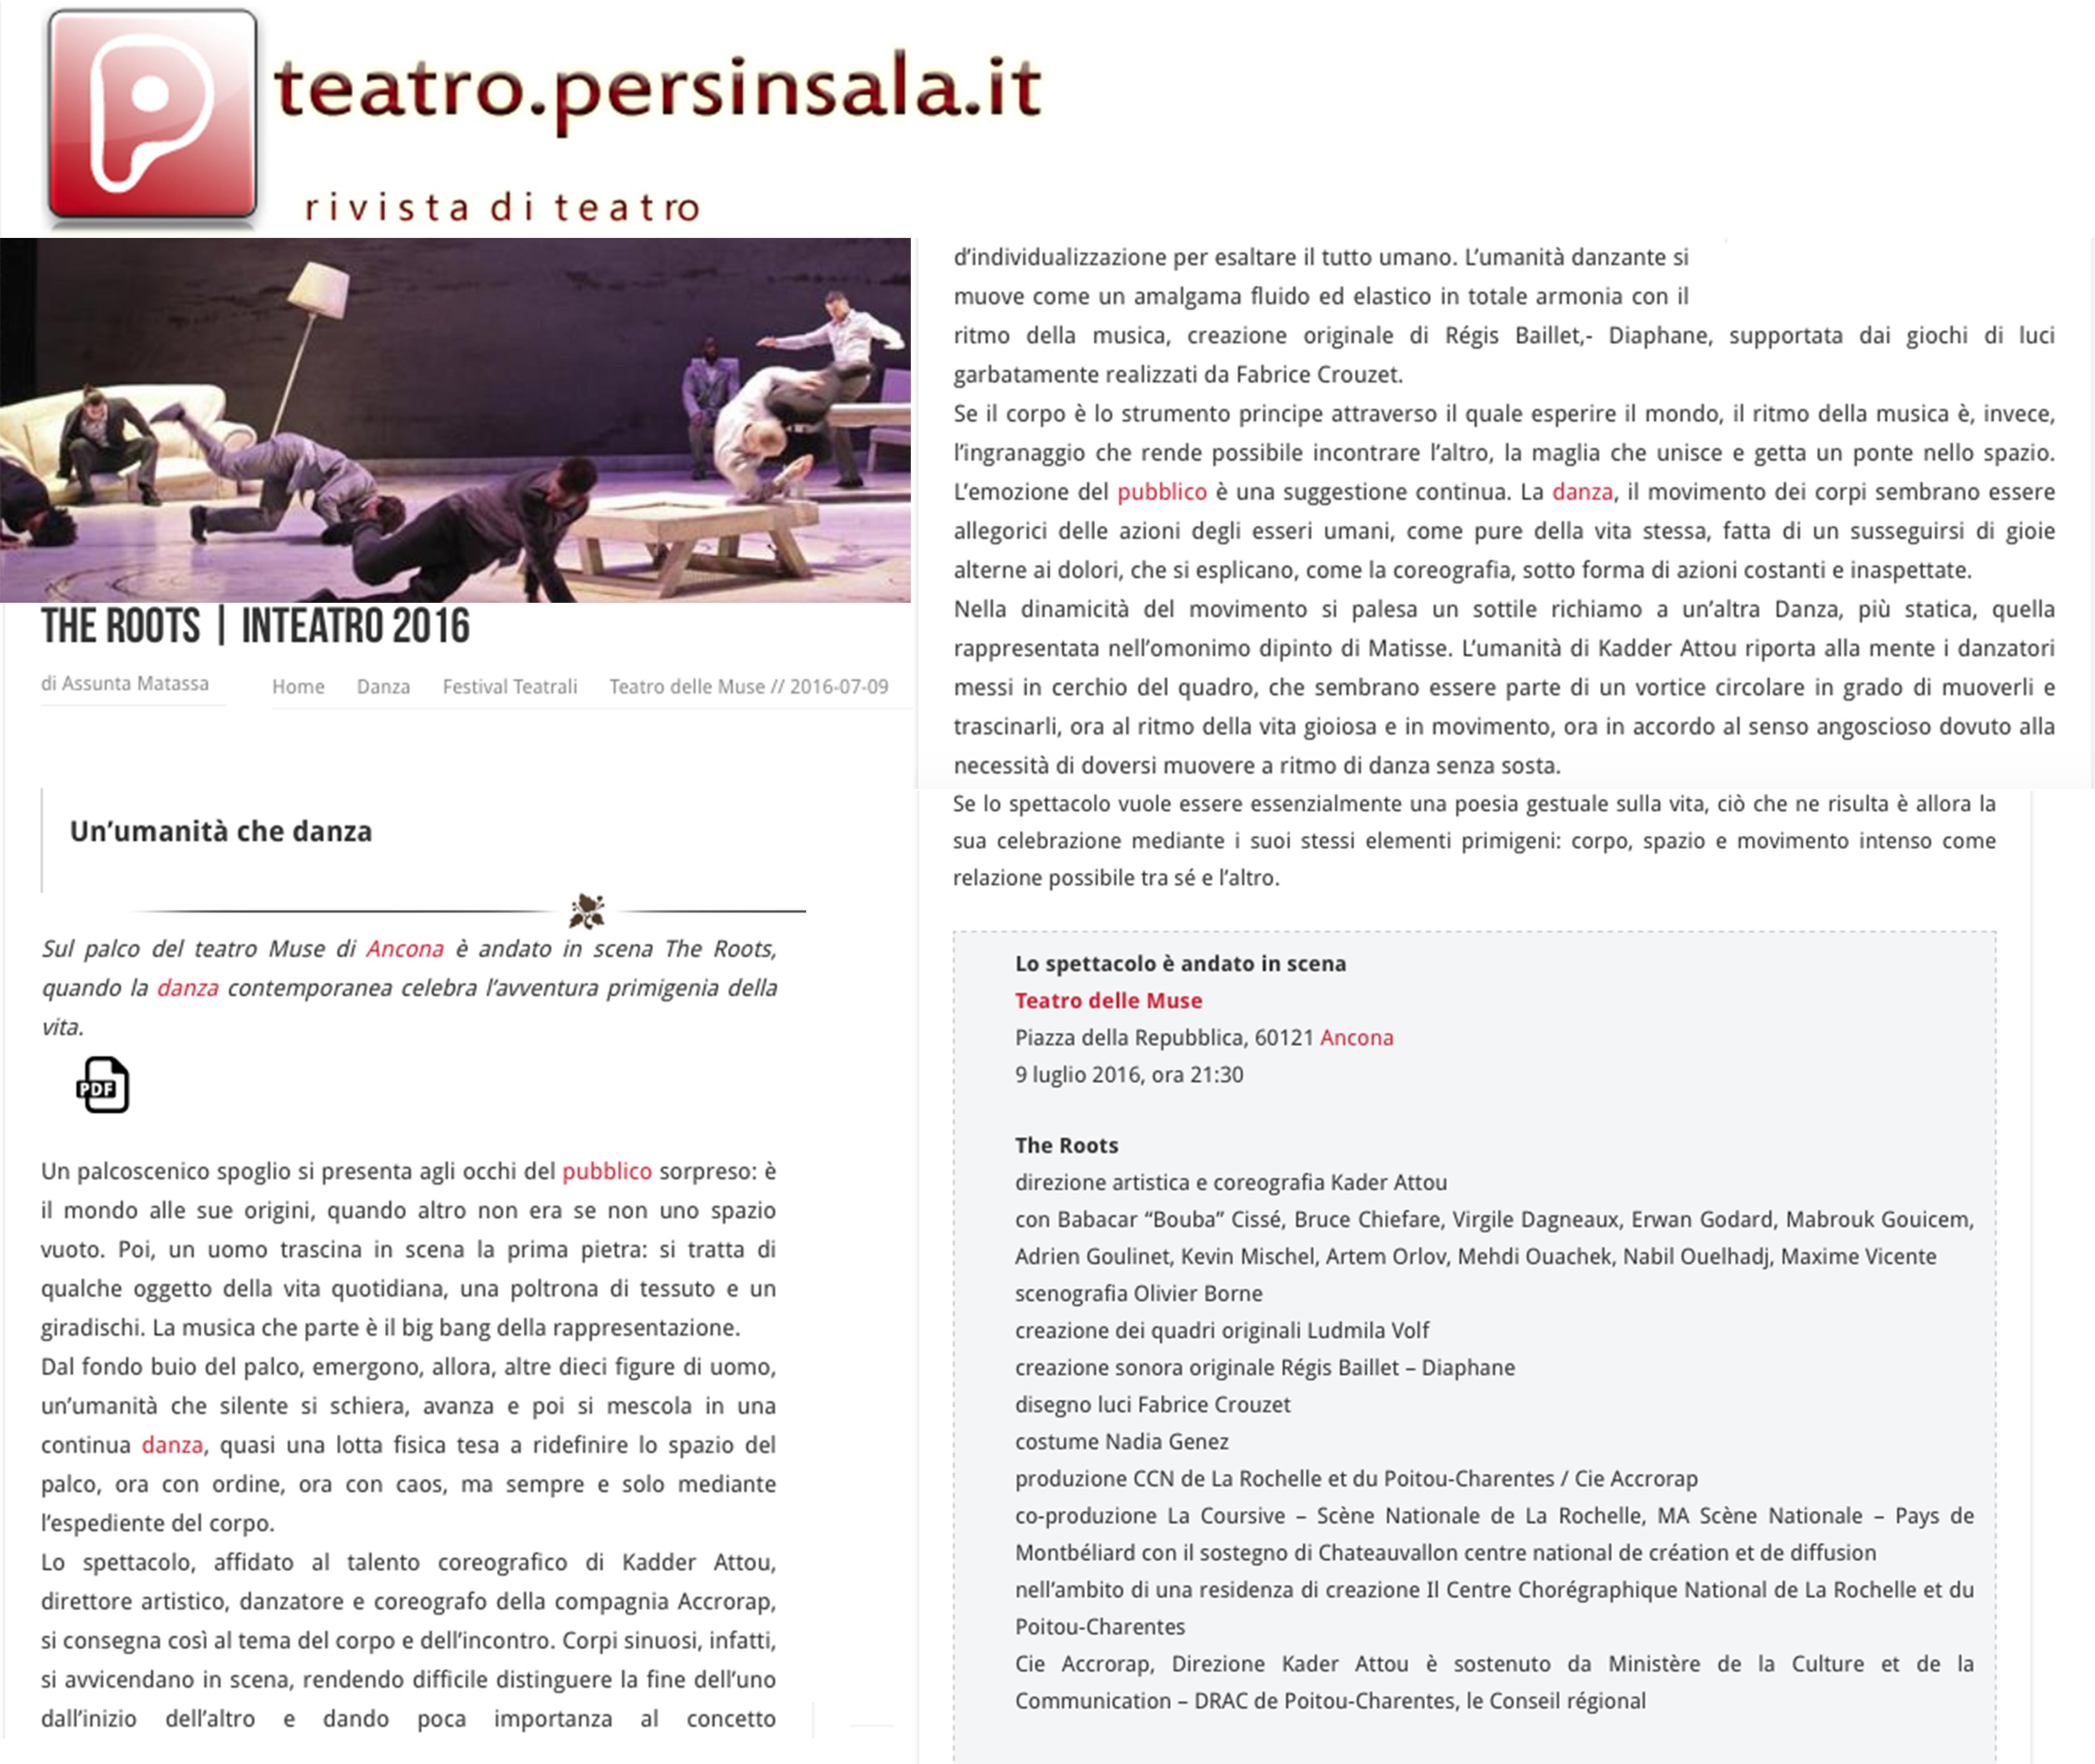 teatro persinsala 9 luglio